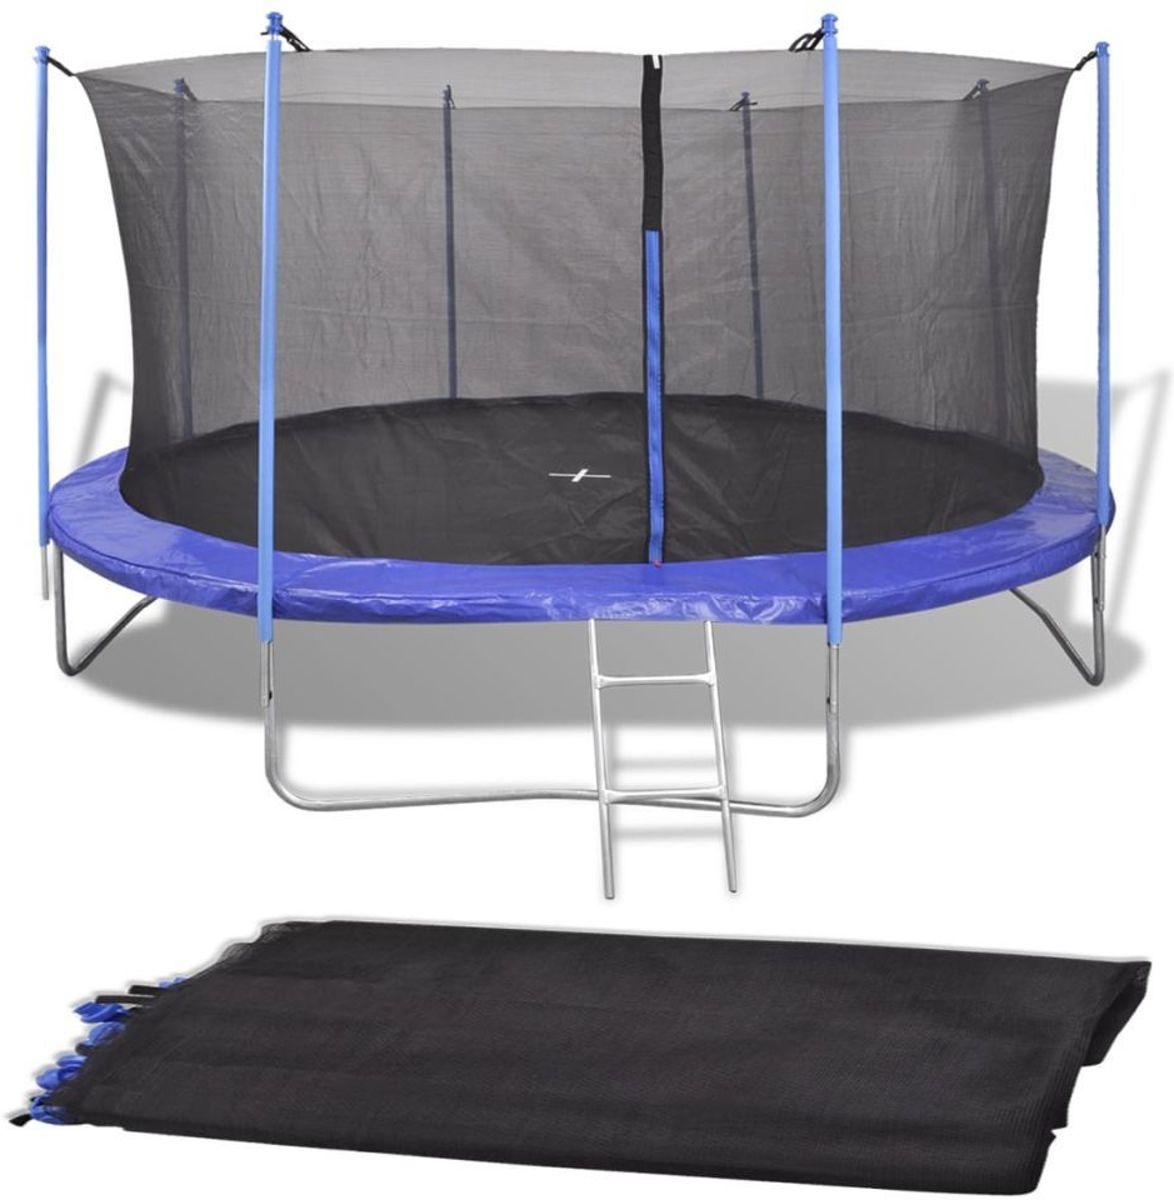 Veiligheidsnet Zwart voor Ronde Trampoline 366CM - Net trampoline 3.66MTR - Trampolinenet - Trampolineveiligheidsnet